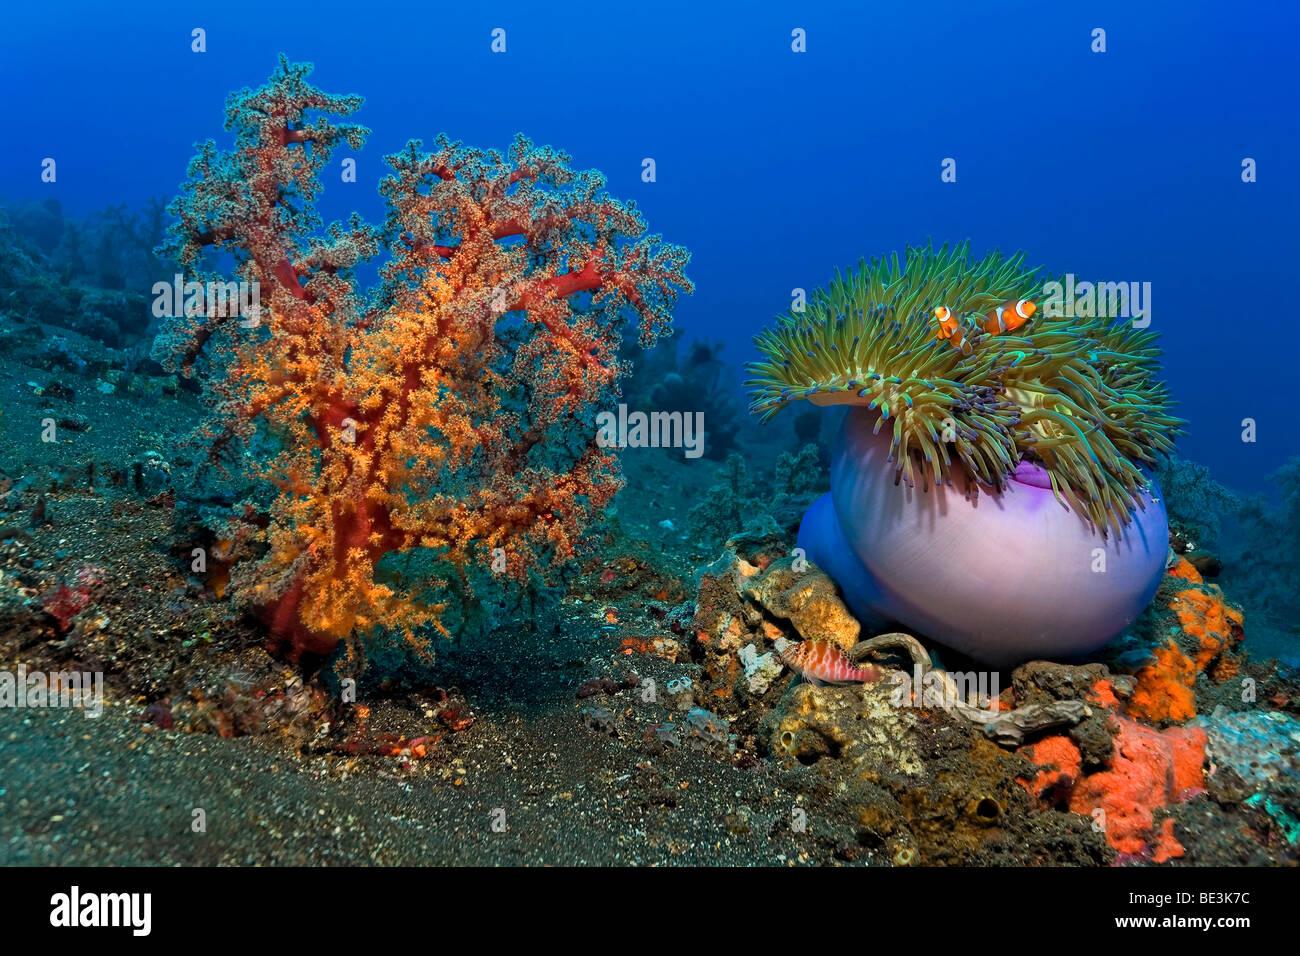 Paysages sous-marins avec de grands coraux mous, anémone de mer magnifique (Heteractis magnifica) et un couple Photo Stock